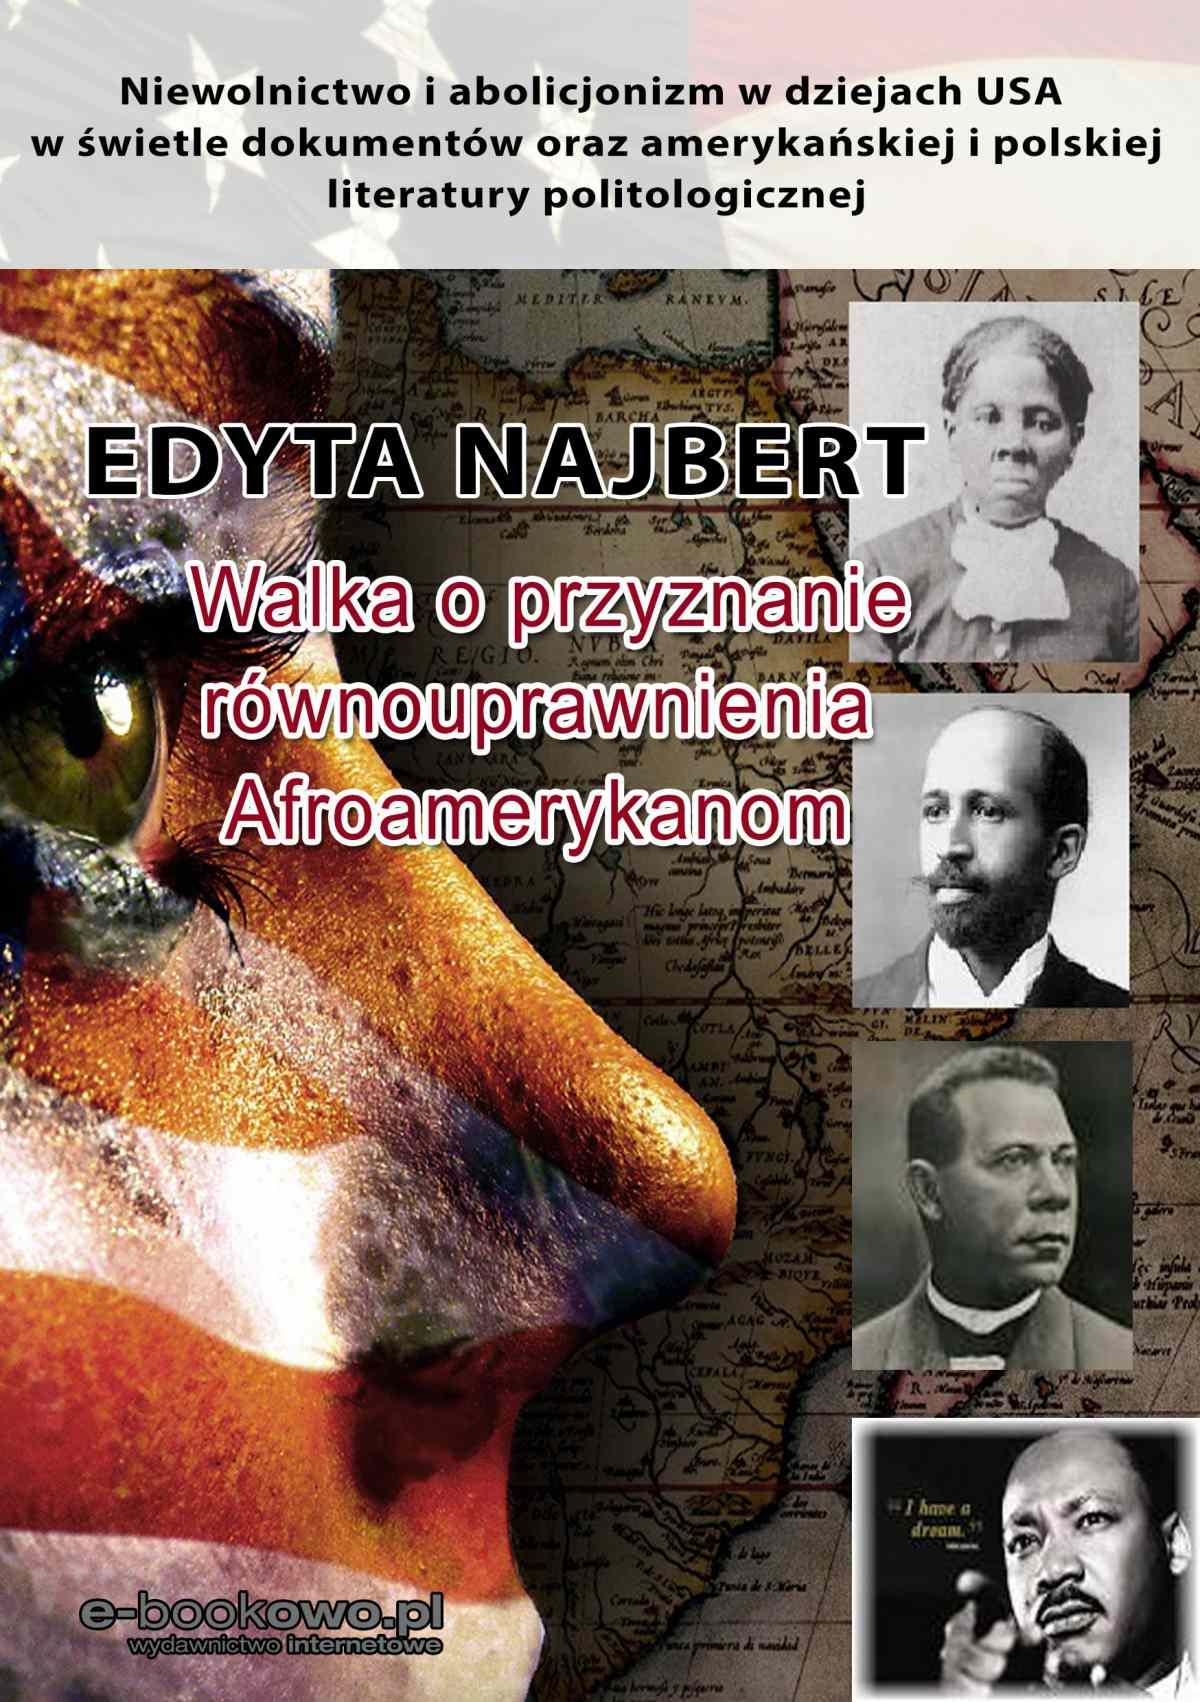 Walka o przyznanie równouprawnienia Afroamerykanom - Ebook (Książka PDF) do pobrania w formacie PDF